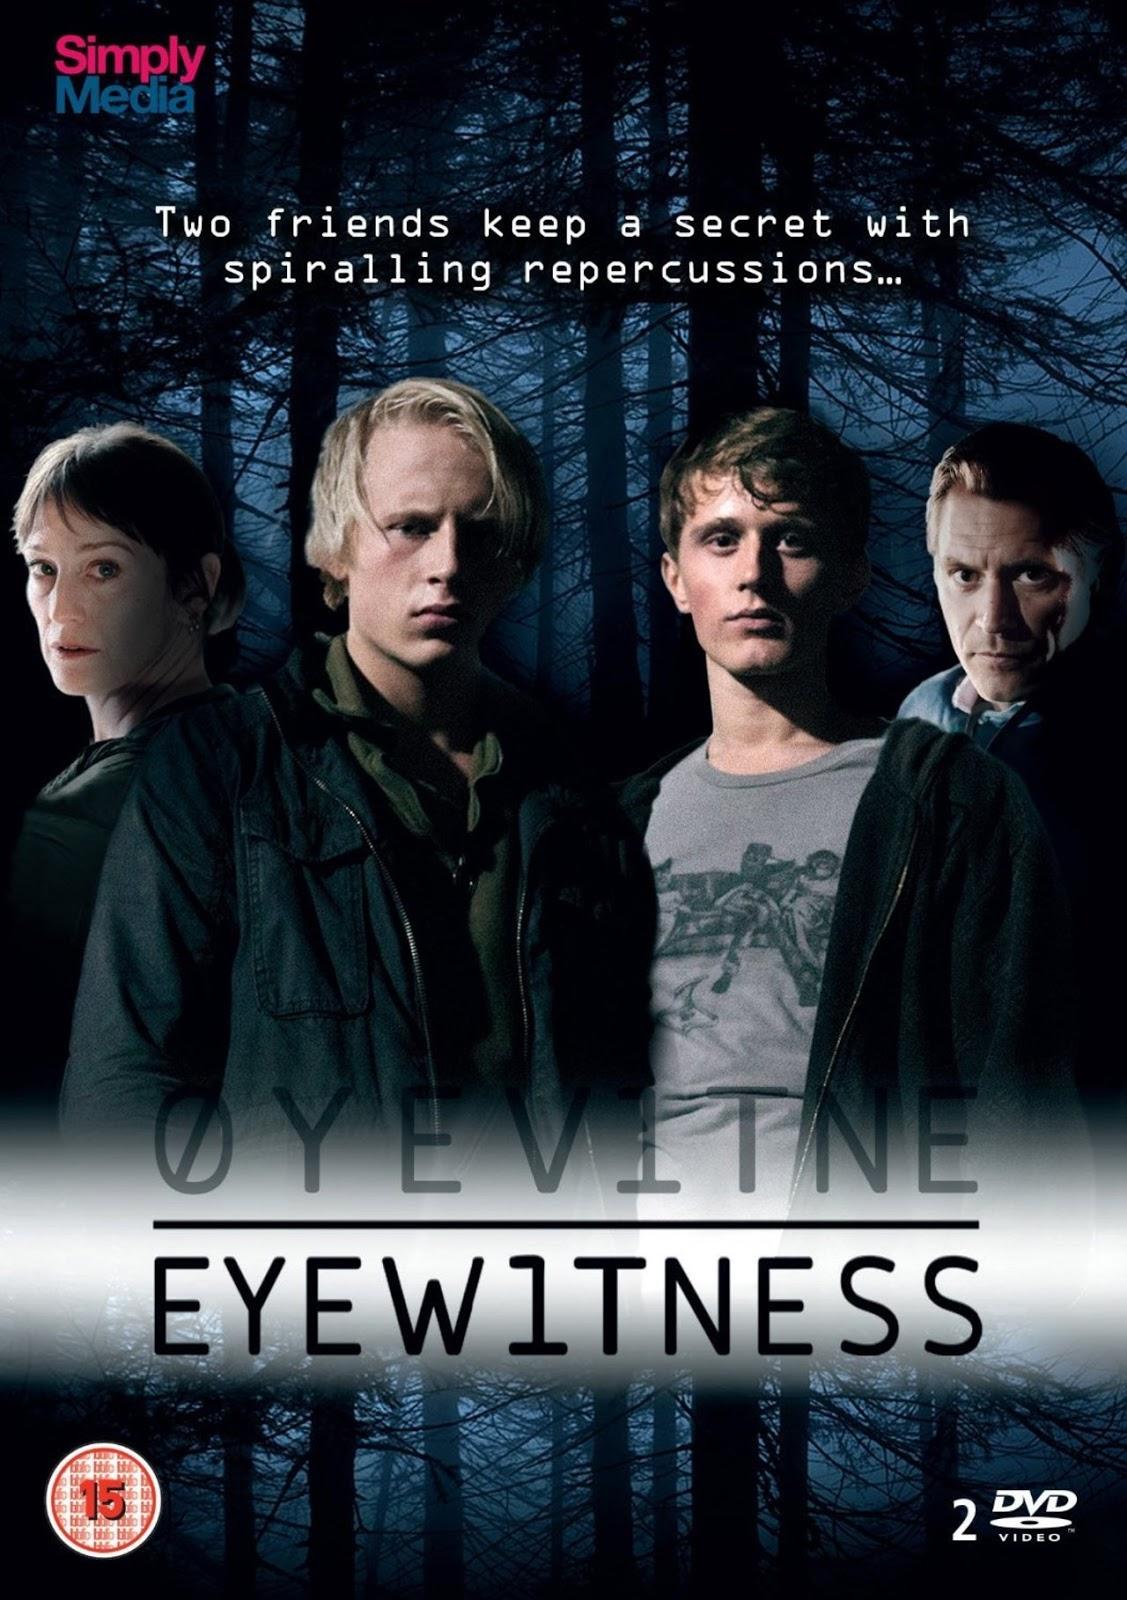 Øyevitne / Eyewitness